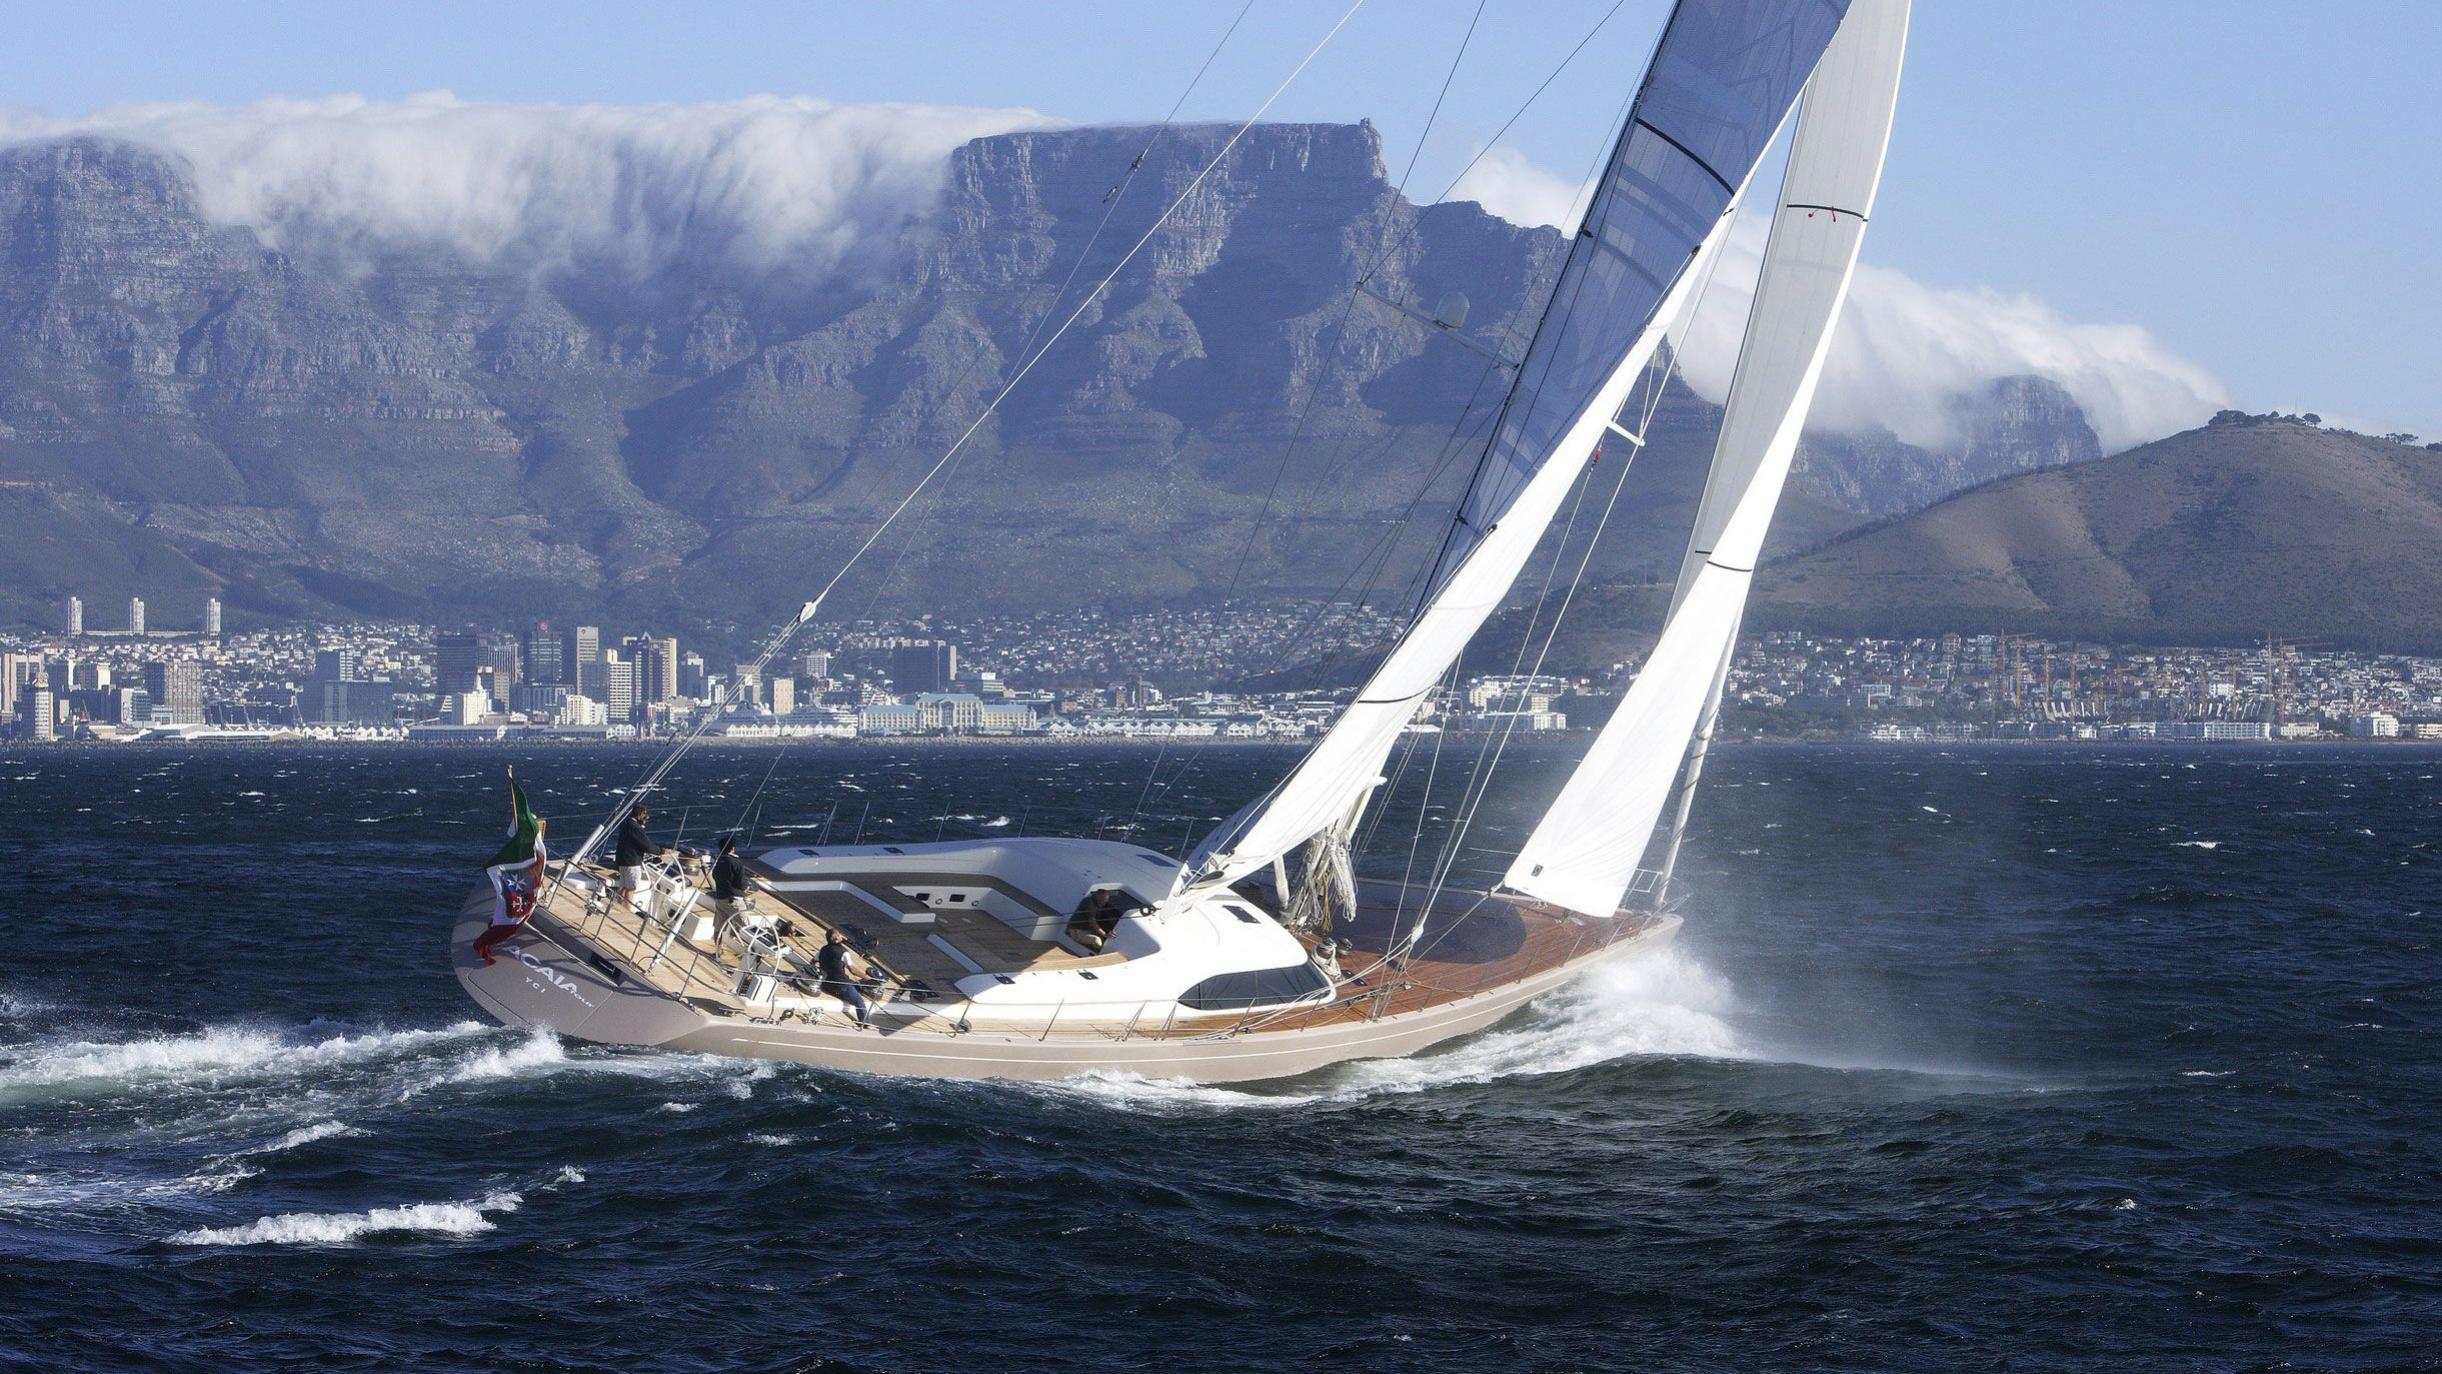 Acaia Four sailing yacht